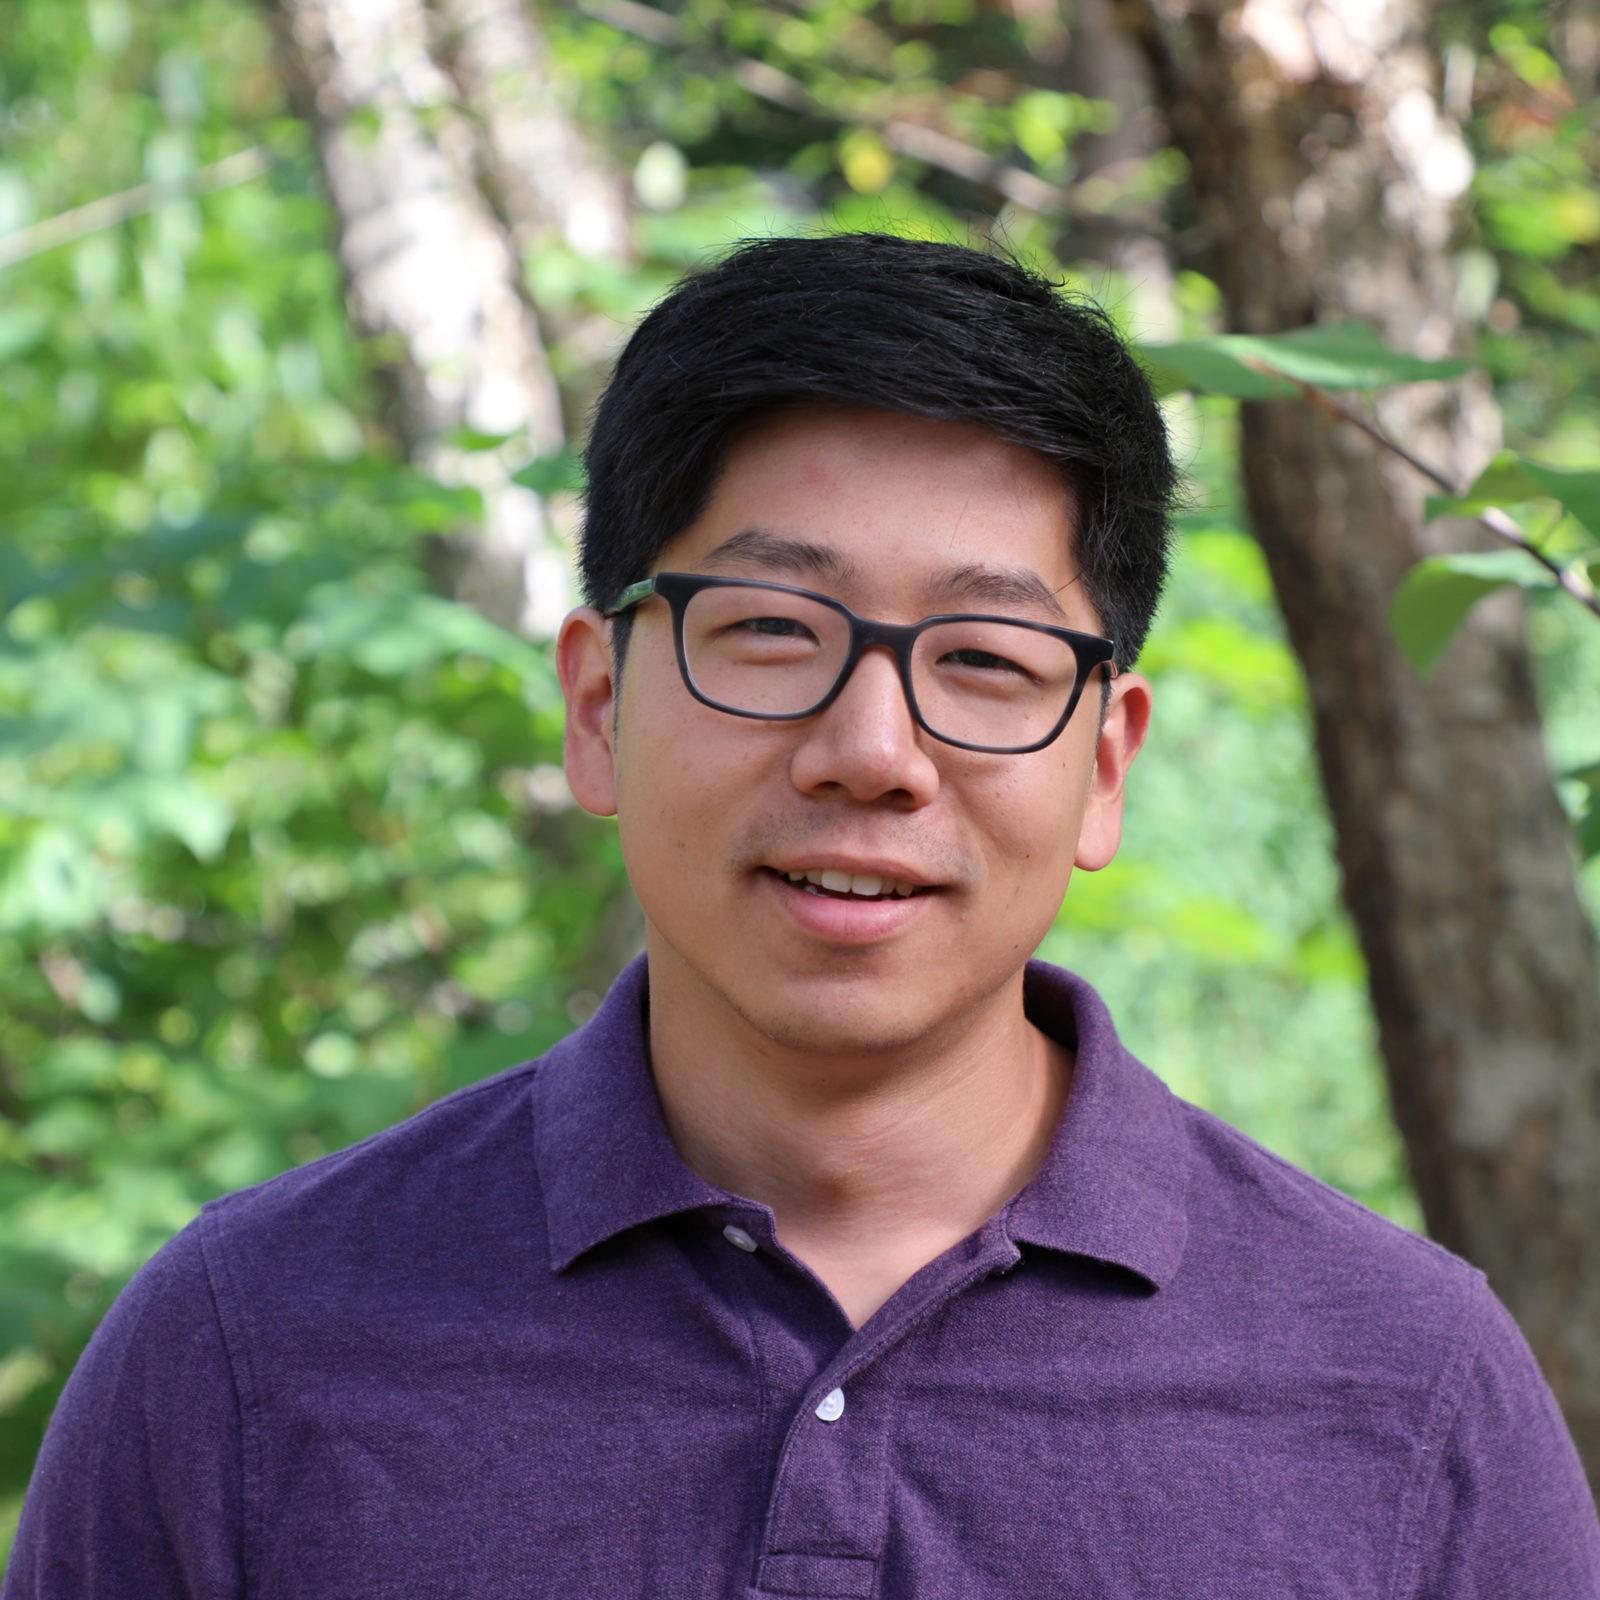 Daniel Suh